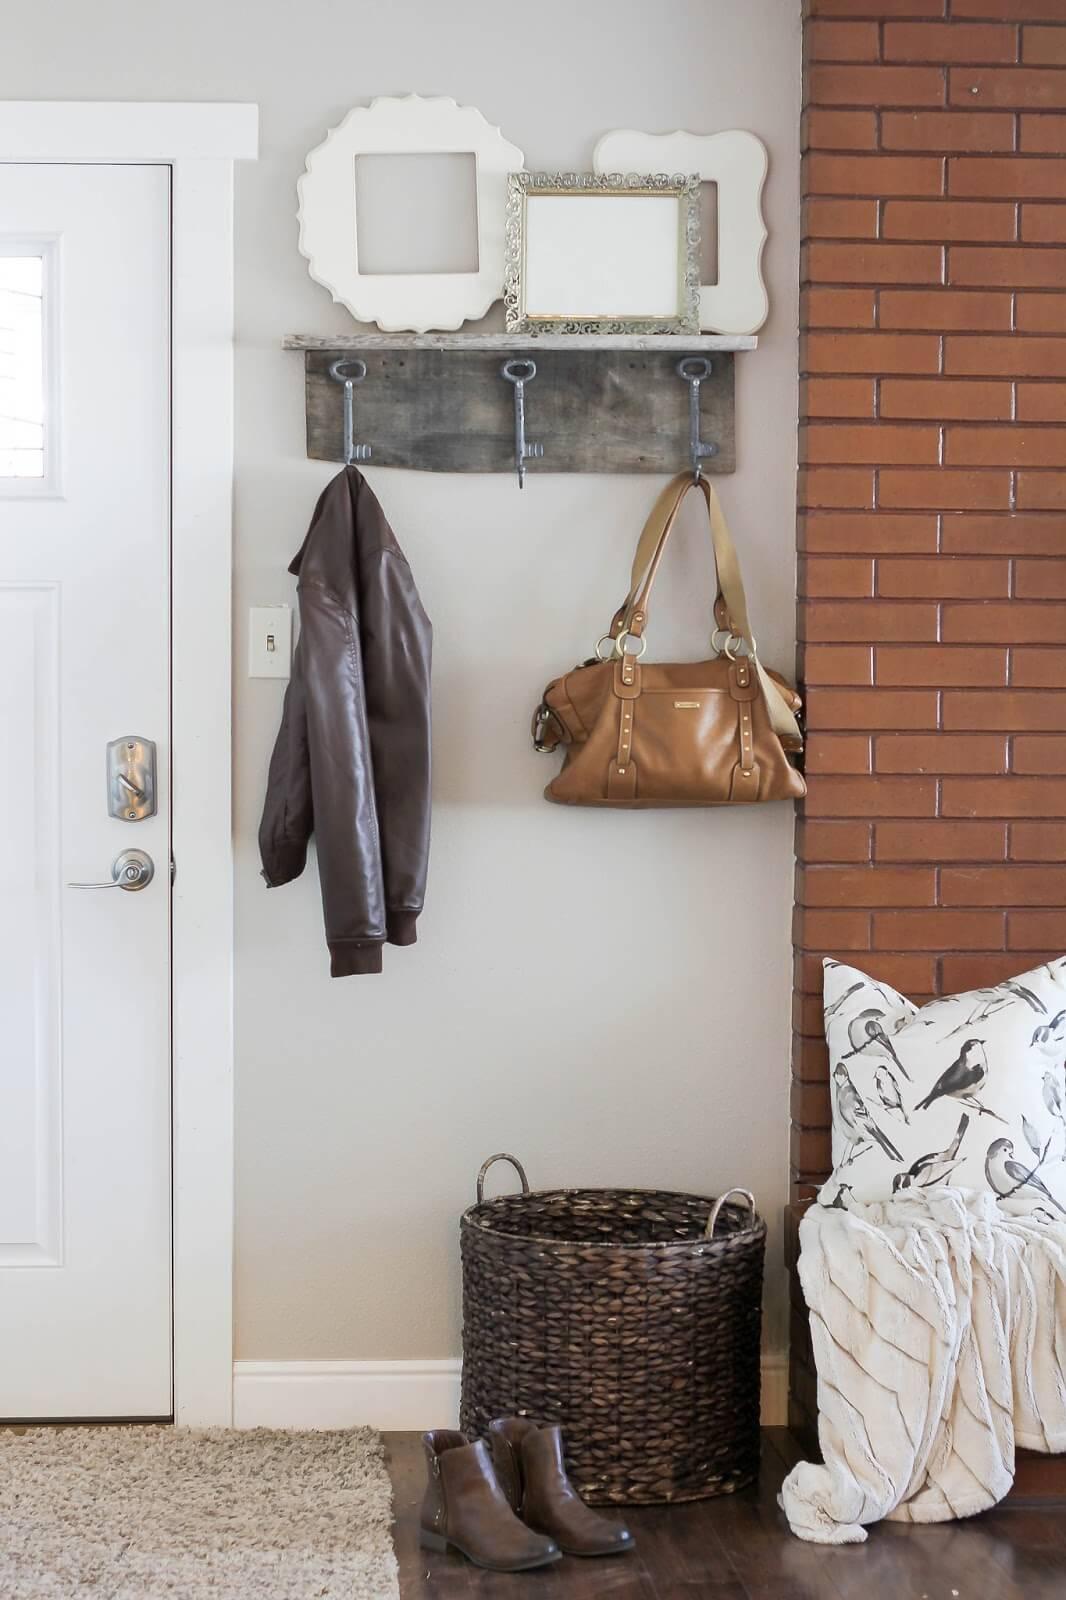 Make a Wall Shelf with Oversized Key Hooks